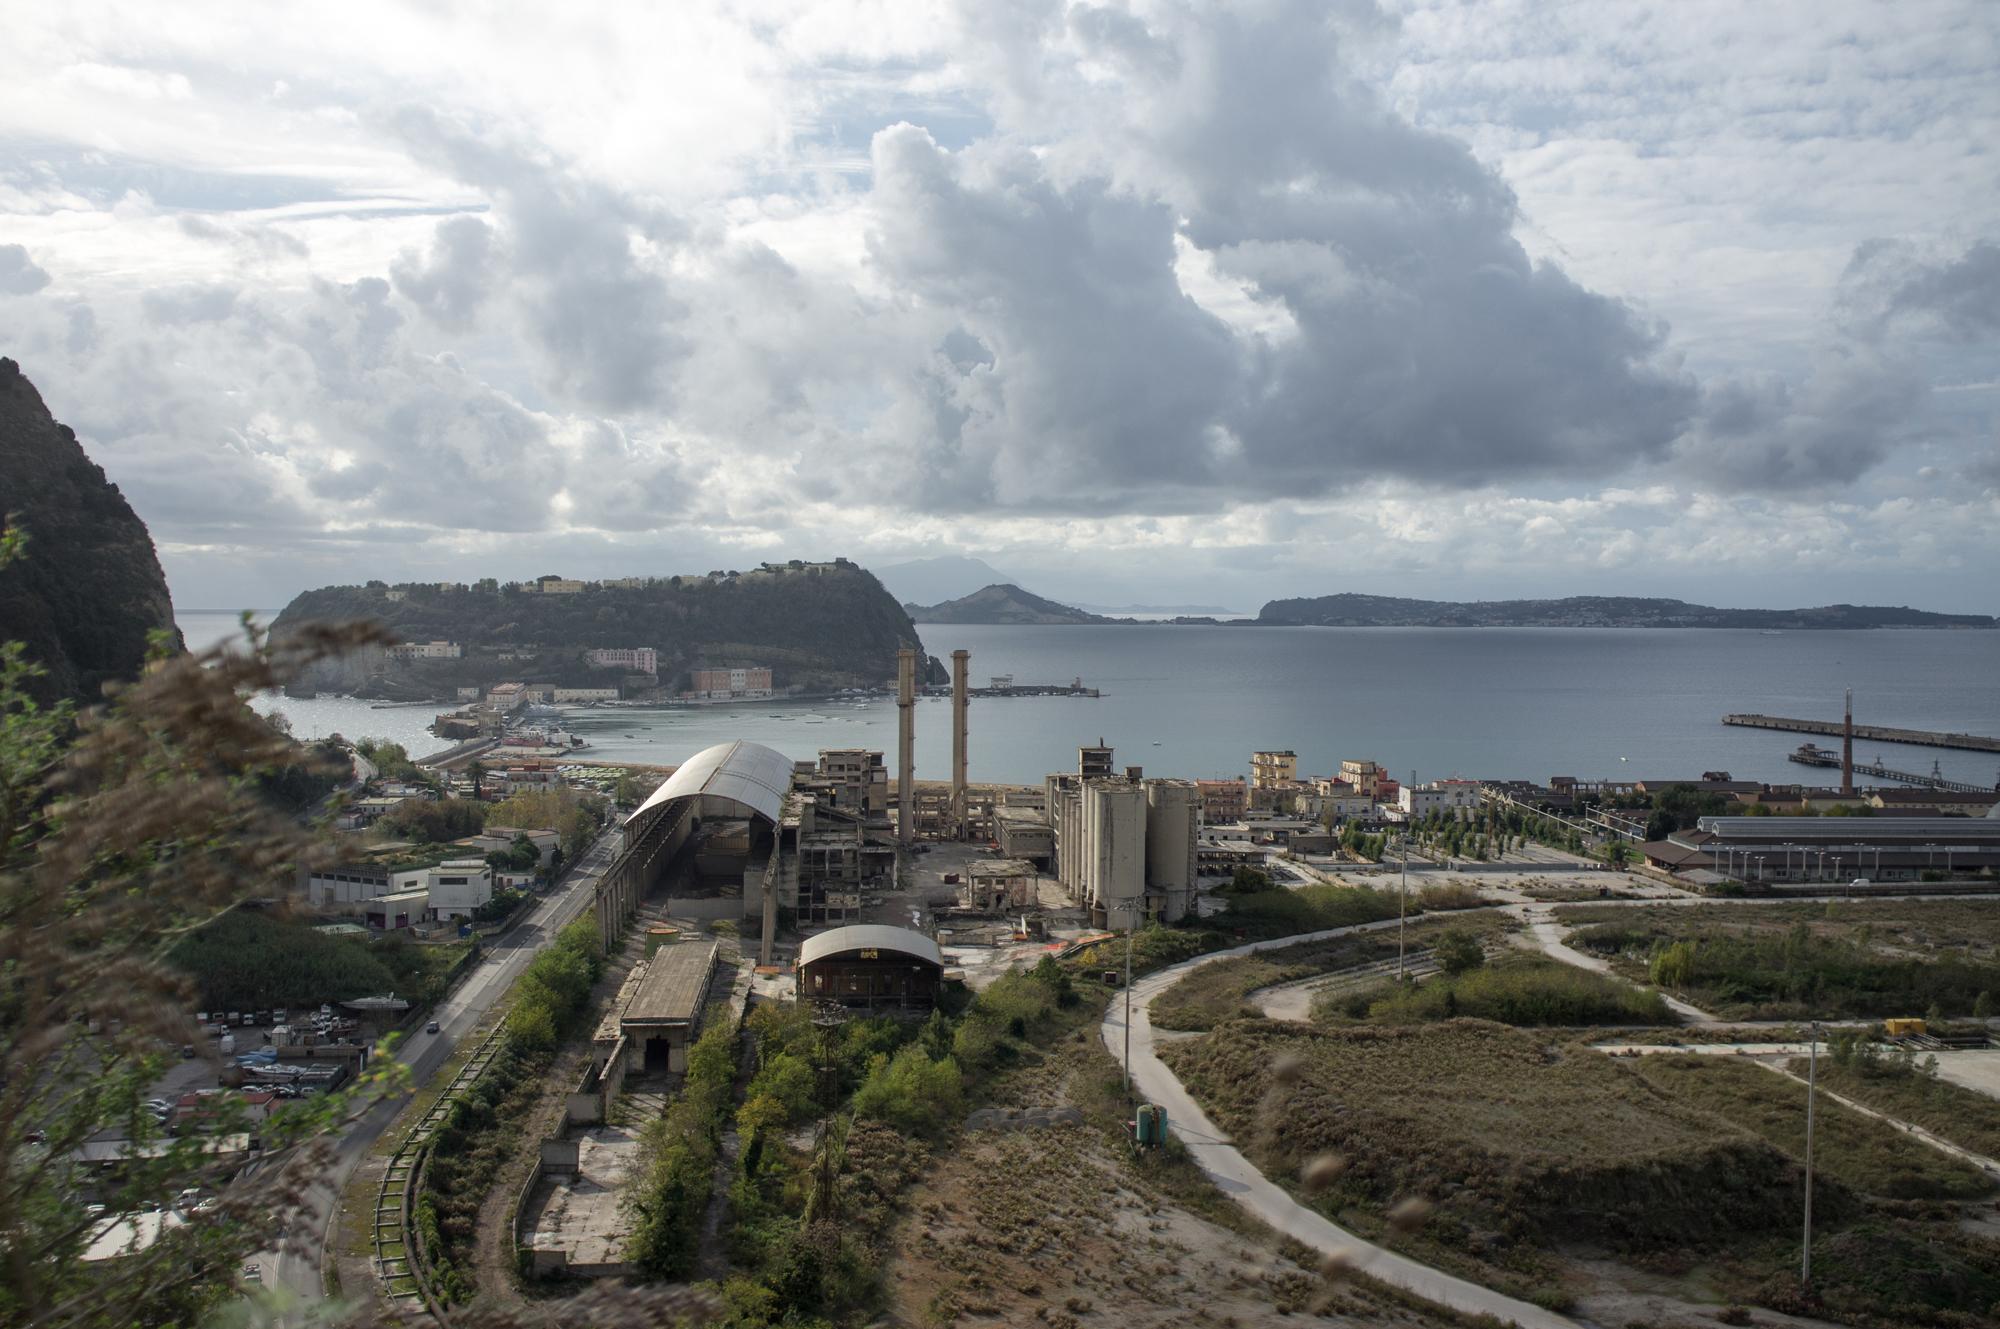 L'area di Bagnoli vista da Posillipo, in primo piano l'isola di Nisida e la Cementir. Nata nel 1954 utilizzava, come materia prima per la produzione di cemento, un sottoprodotto delle lavorazioni siderurgiche. Le attività produttive dello stabilimento sono cessate nel 1992 con la chiusura dell'Italsider.